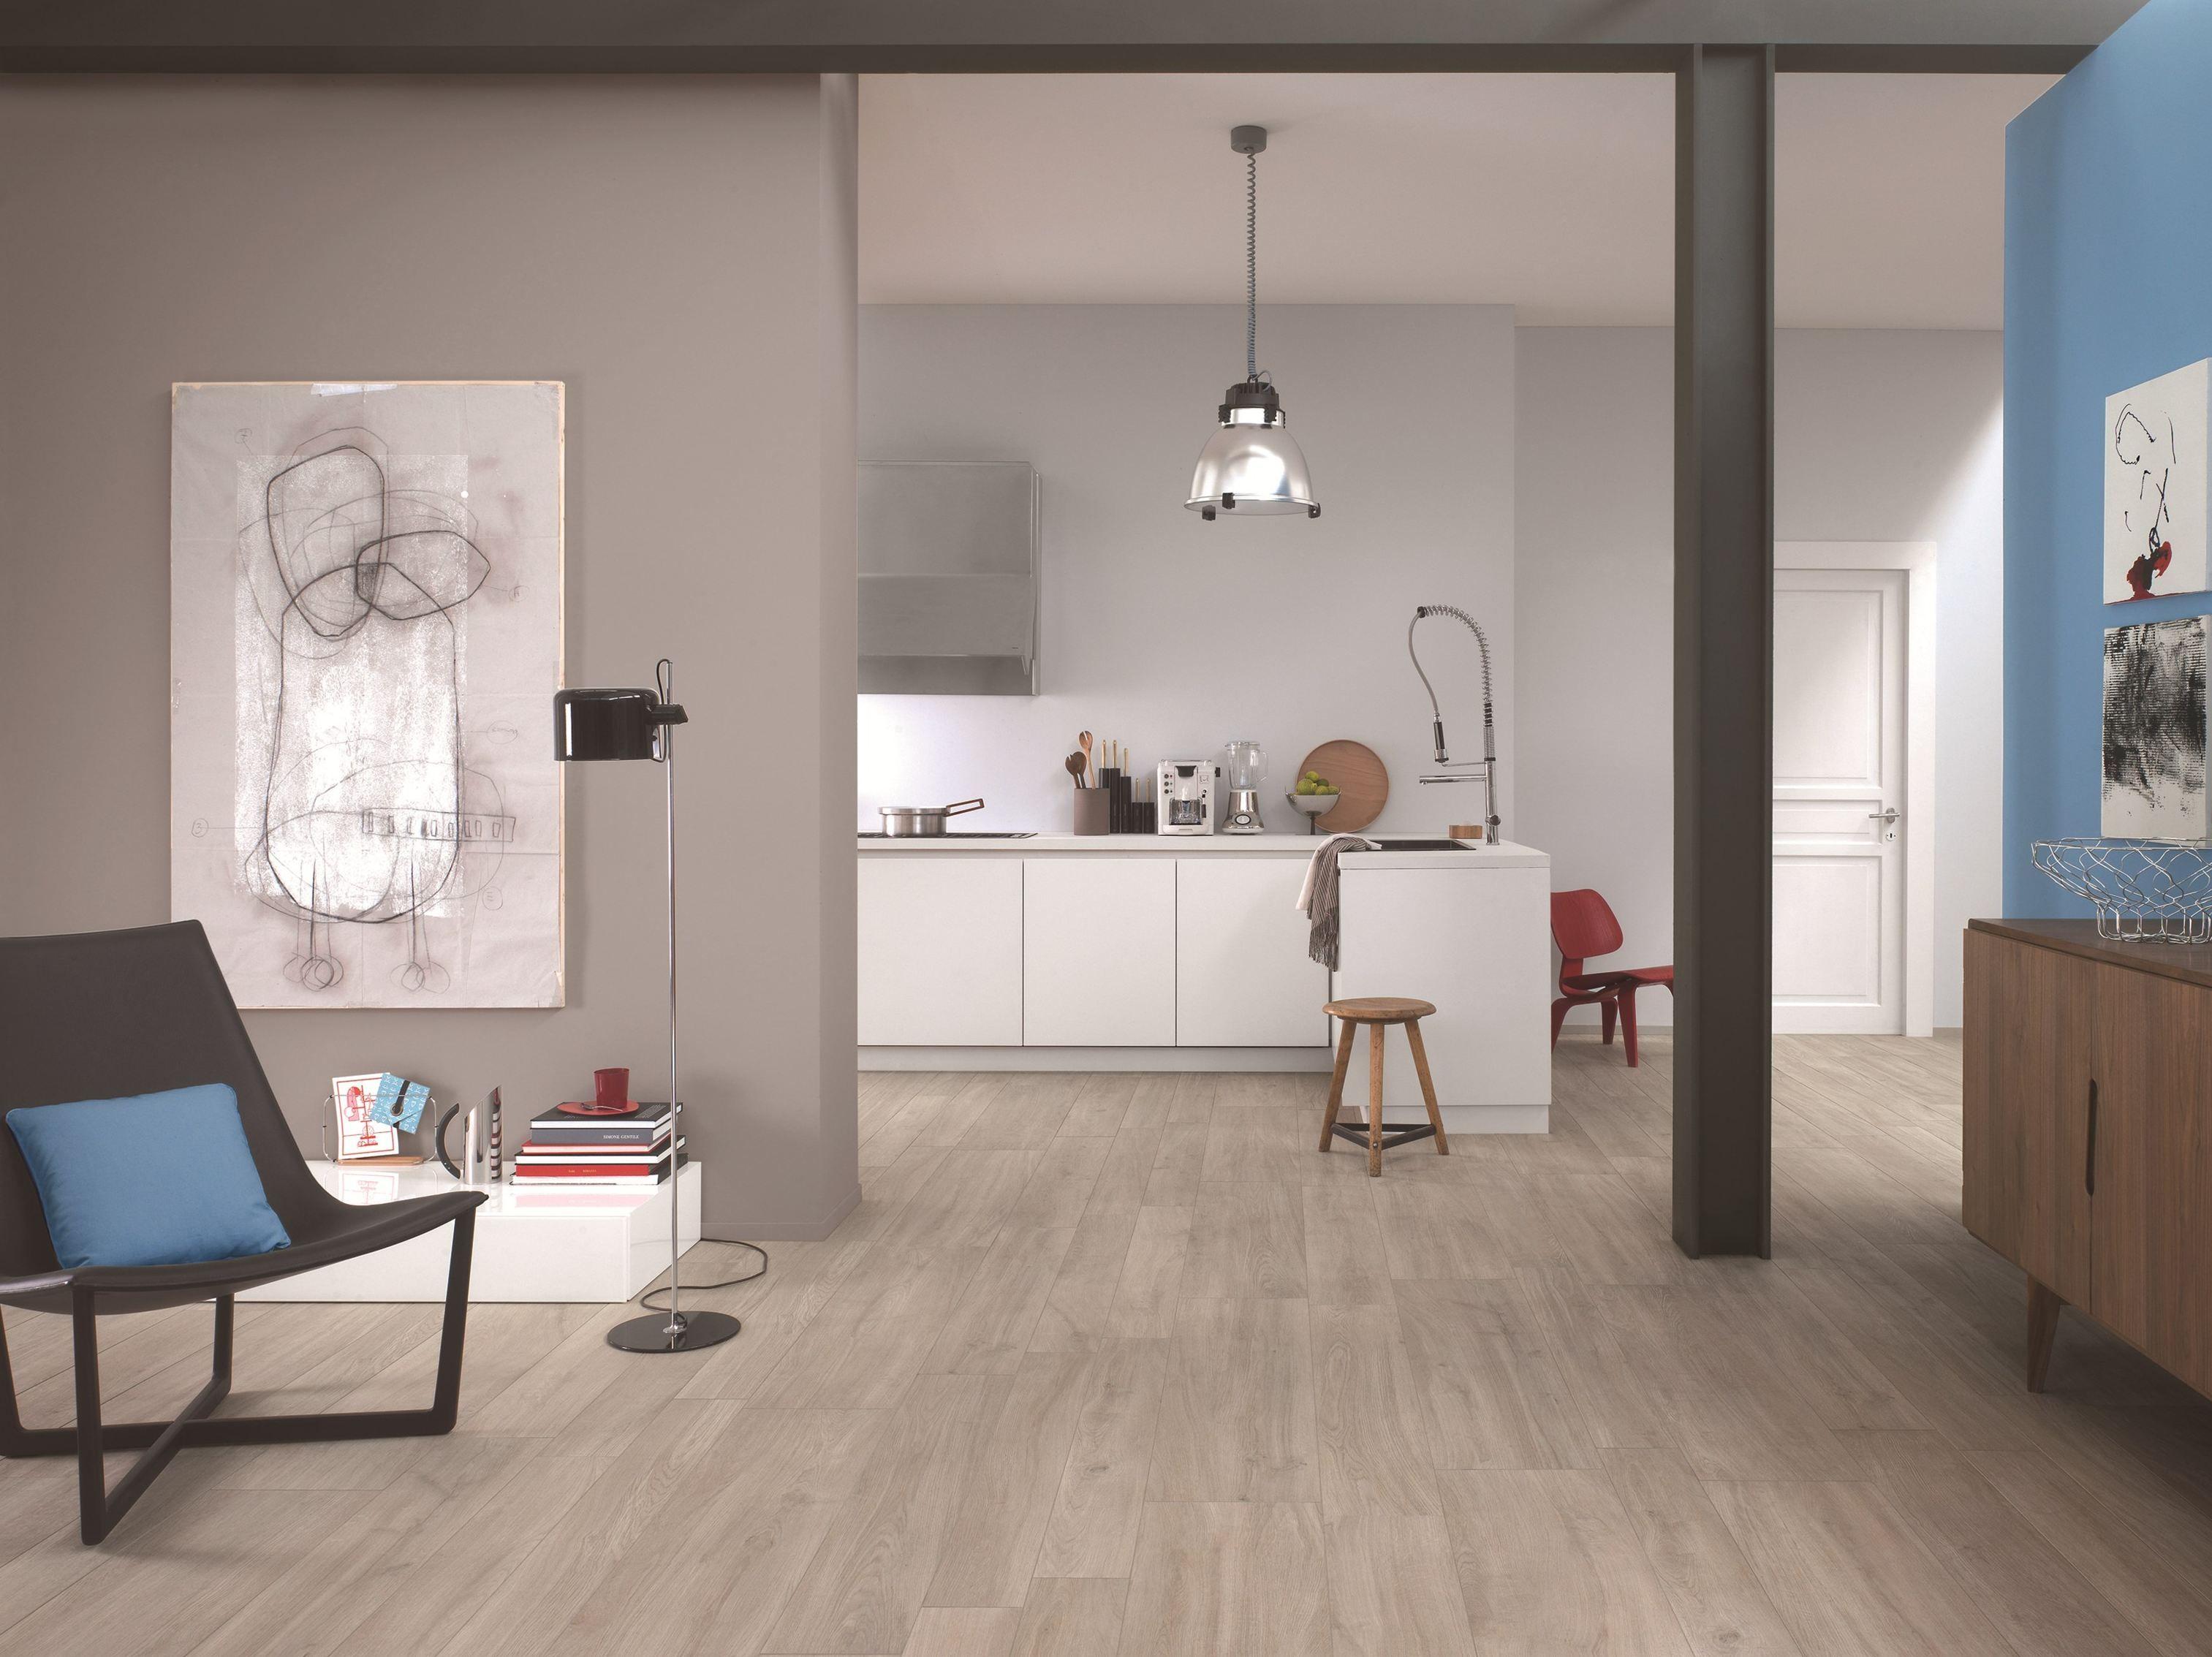 Pavimento in gres porcellanato effetto legno woodliving by ragno - Ragno tegels ...